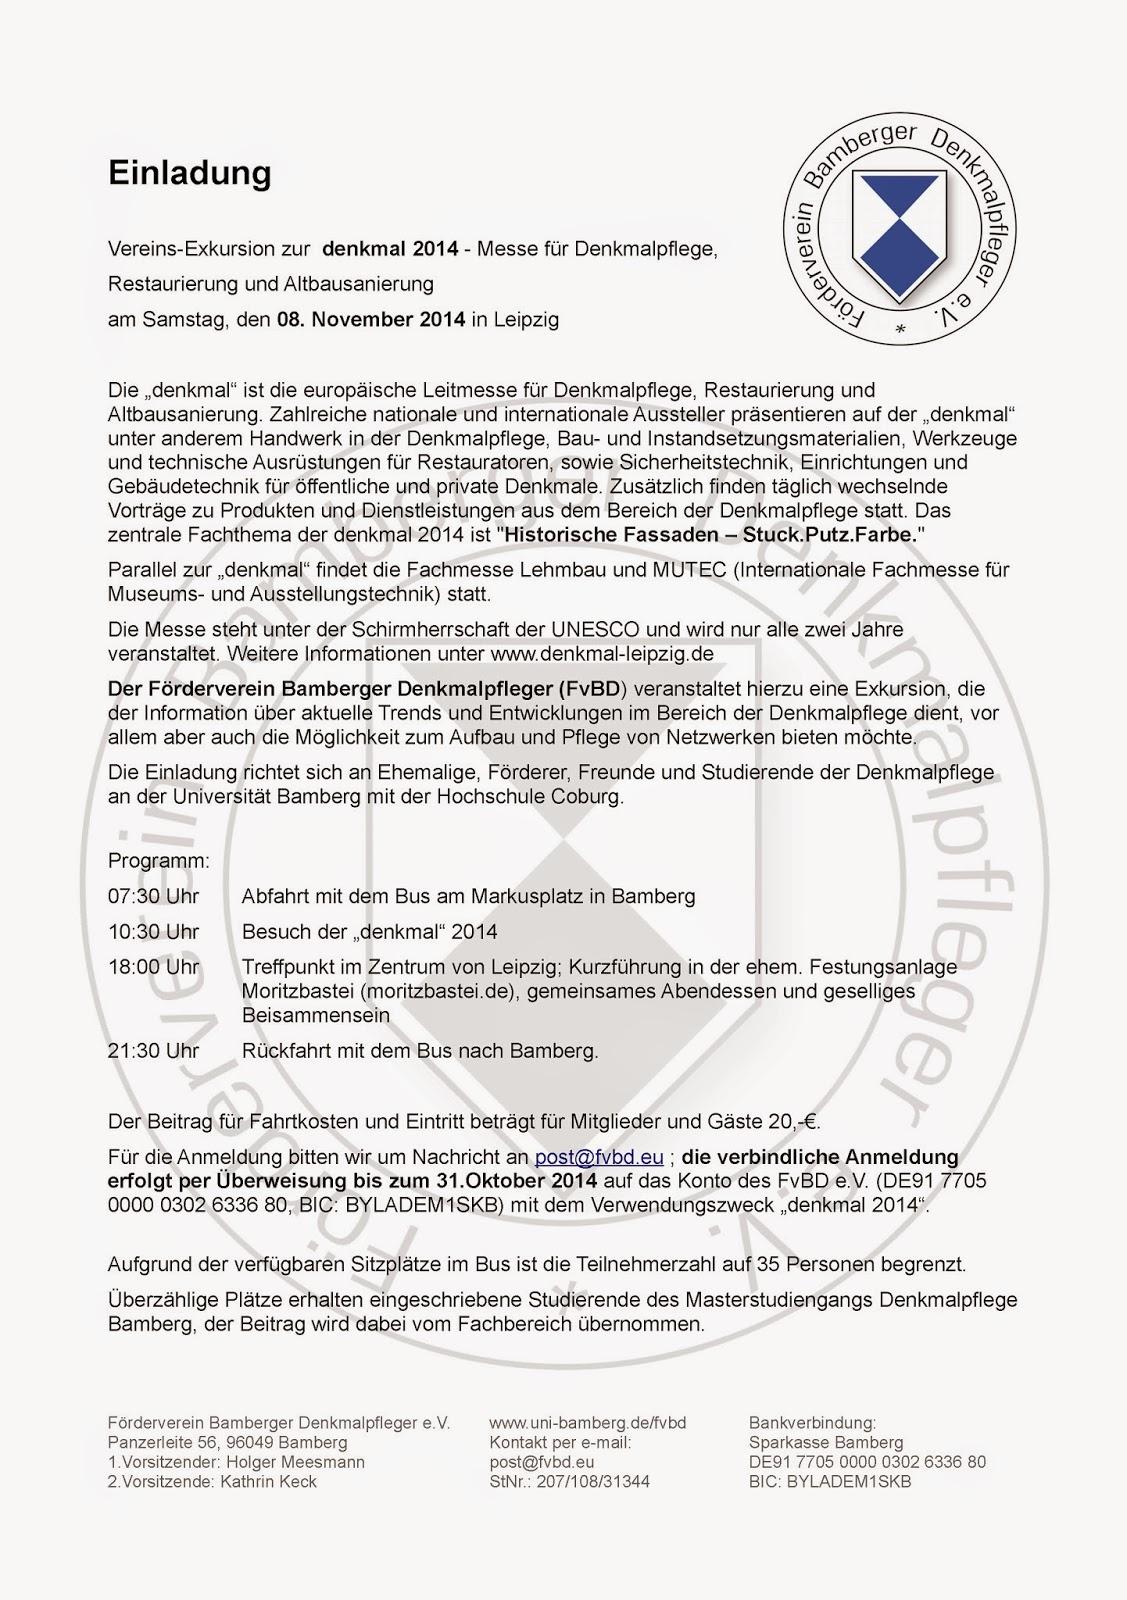 förderverein bamberger denkmalpfleger e.v.: einladung zur vereins, Einladungen